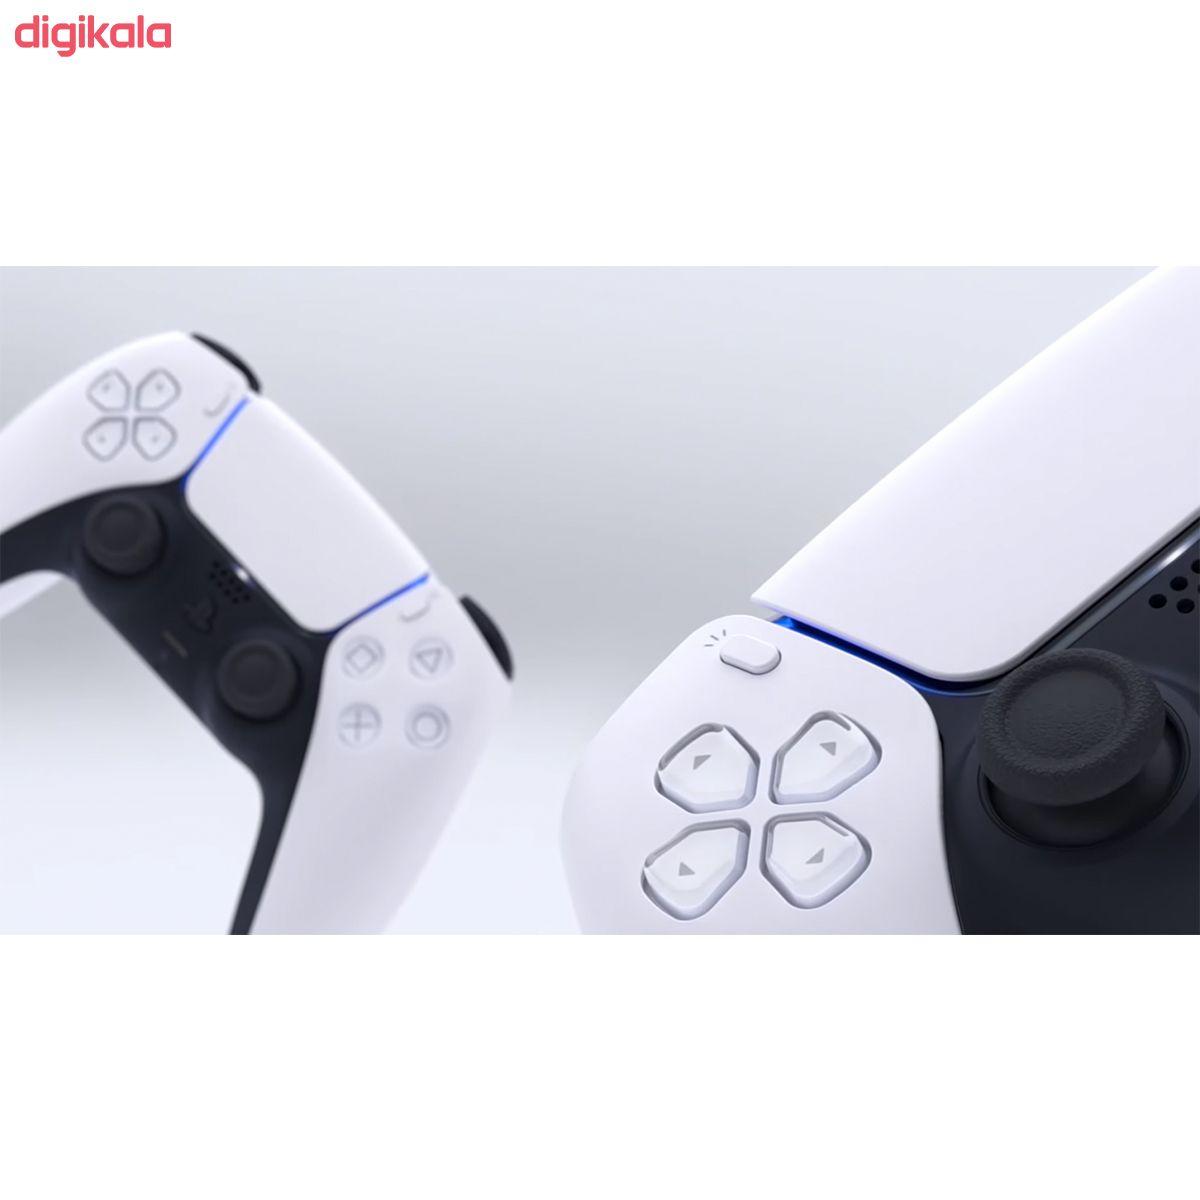 مجموعه کنسول بازی سونی مدل PlayStation 5 ظرفیت 825 گیگابایت به همراه دسته اضافی main 1 6